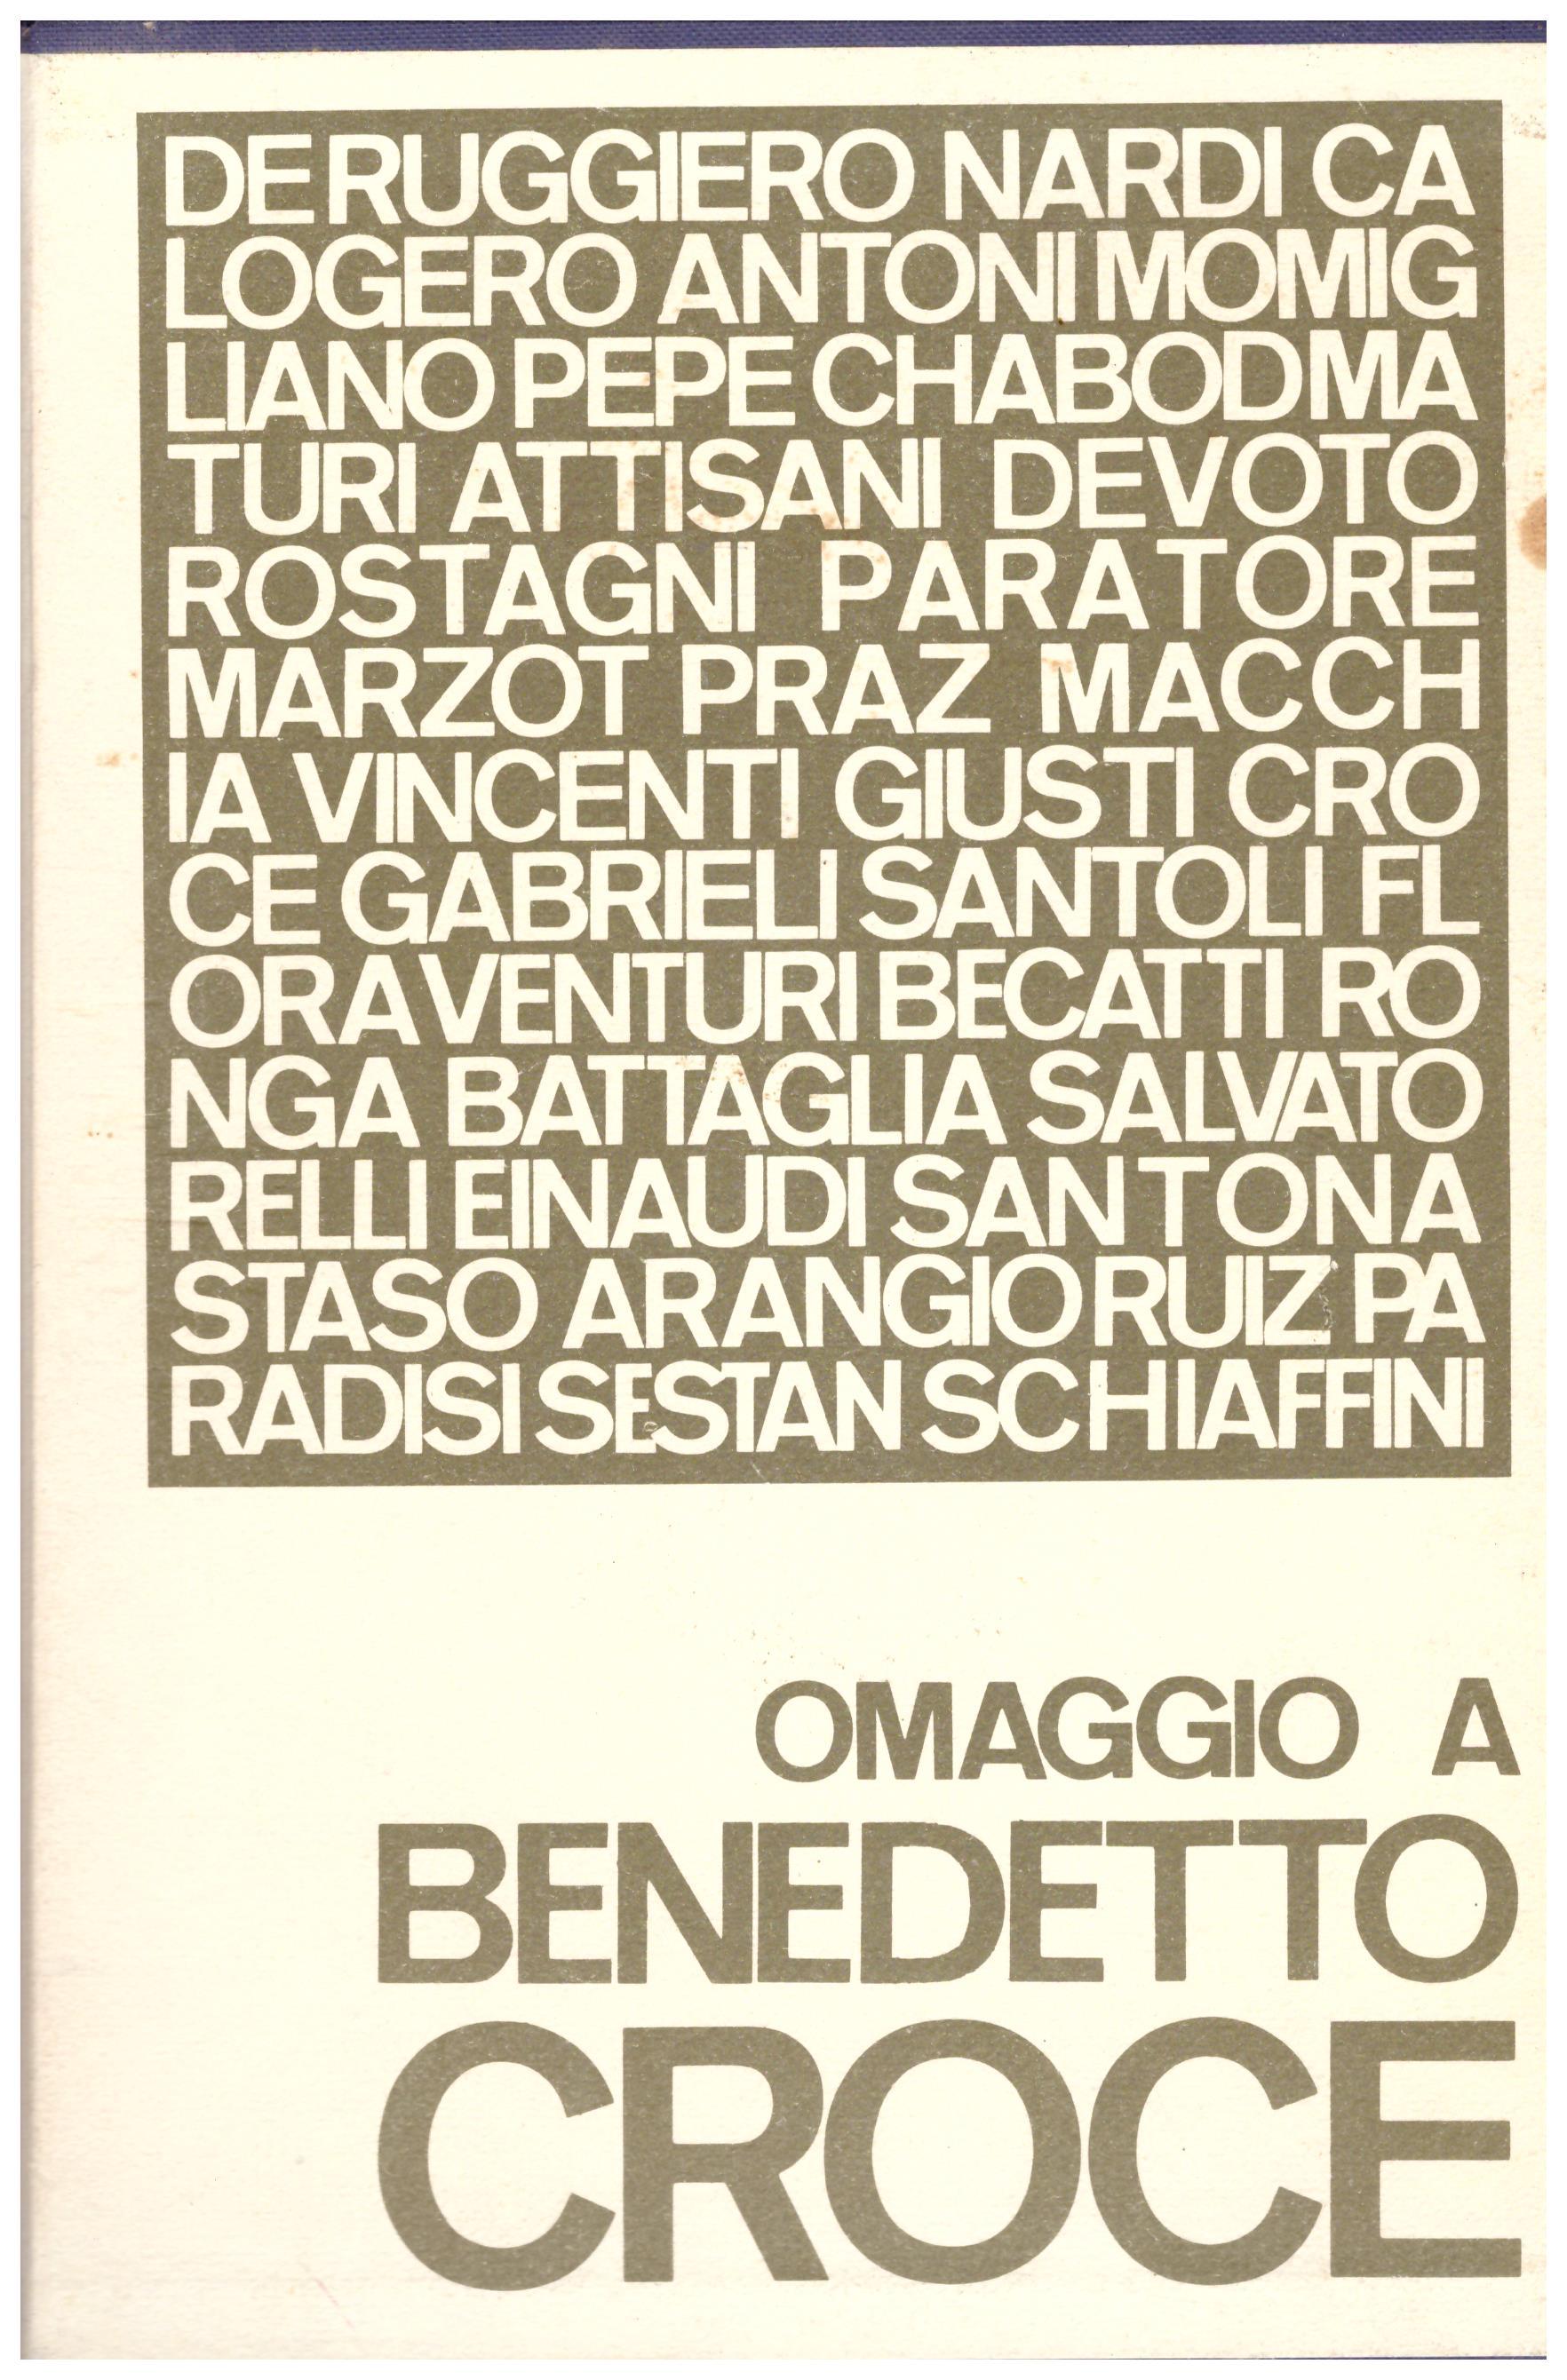 Titolo: 50 Anni di vita intellettuale italiana Omaggio a Benedetto Croce in 2 volumi Autore: Guido De Ruggiero, Bruno Nardi, Carlo Antoni, Giacomo Devoto, Mario Praz, Francesco Flo